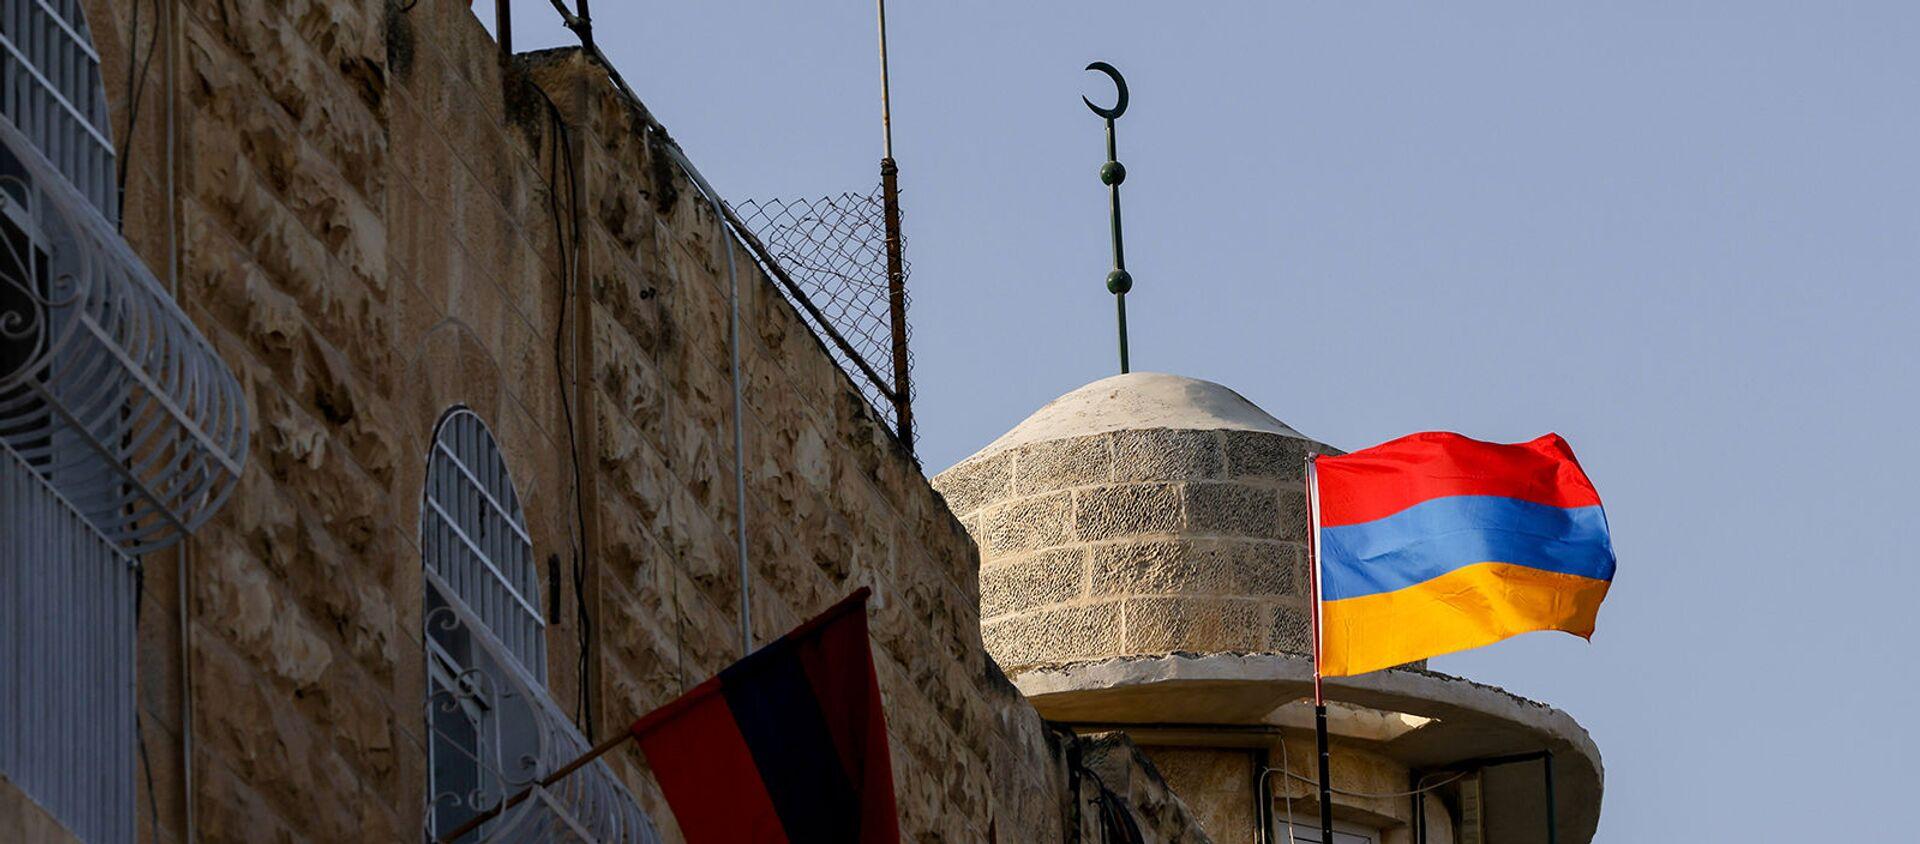 Флаги Армении в старом городе армянского квартала Иерусалима года в знак поддержки продолжающегося конфликта в Нагорно-Карабахском регионе (7 октября 2020). Иерусалим - Sputnik Արմենիա, 1920, 13.05.2021